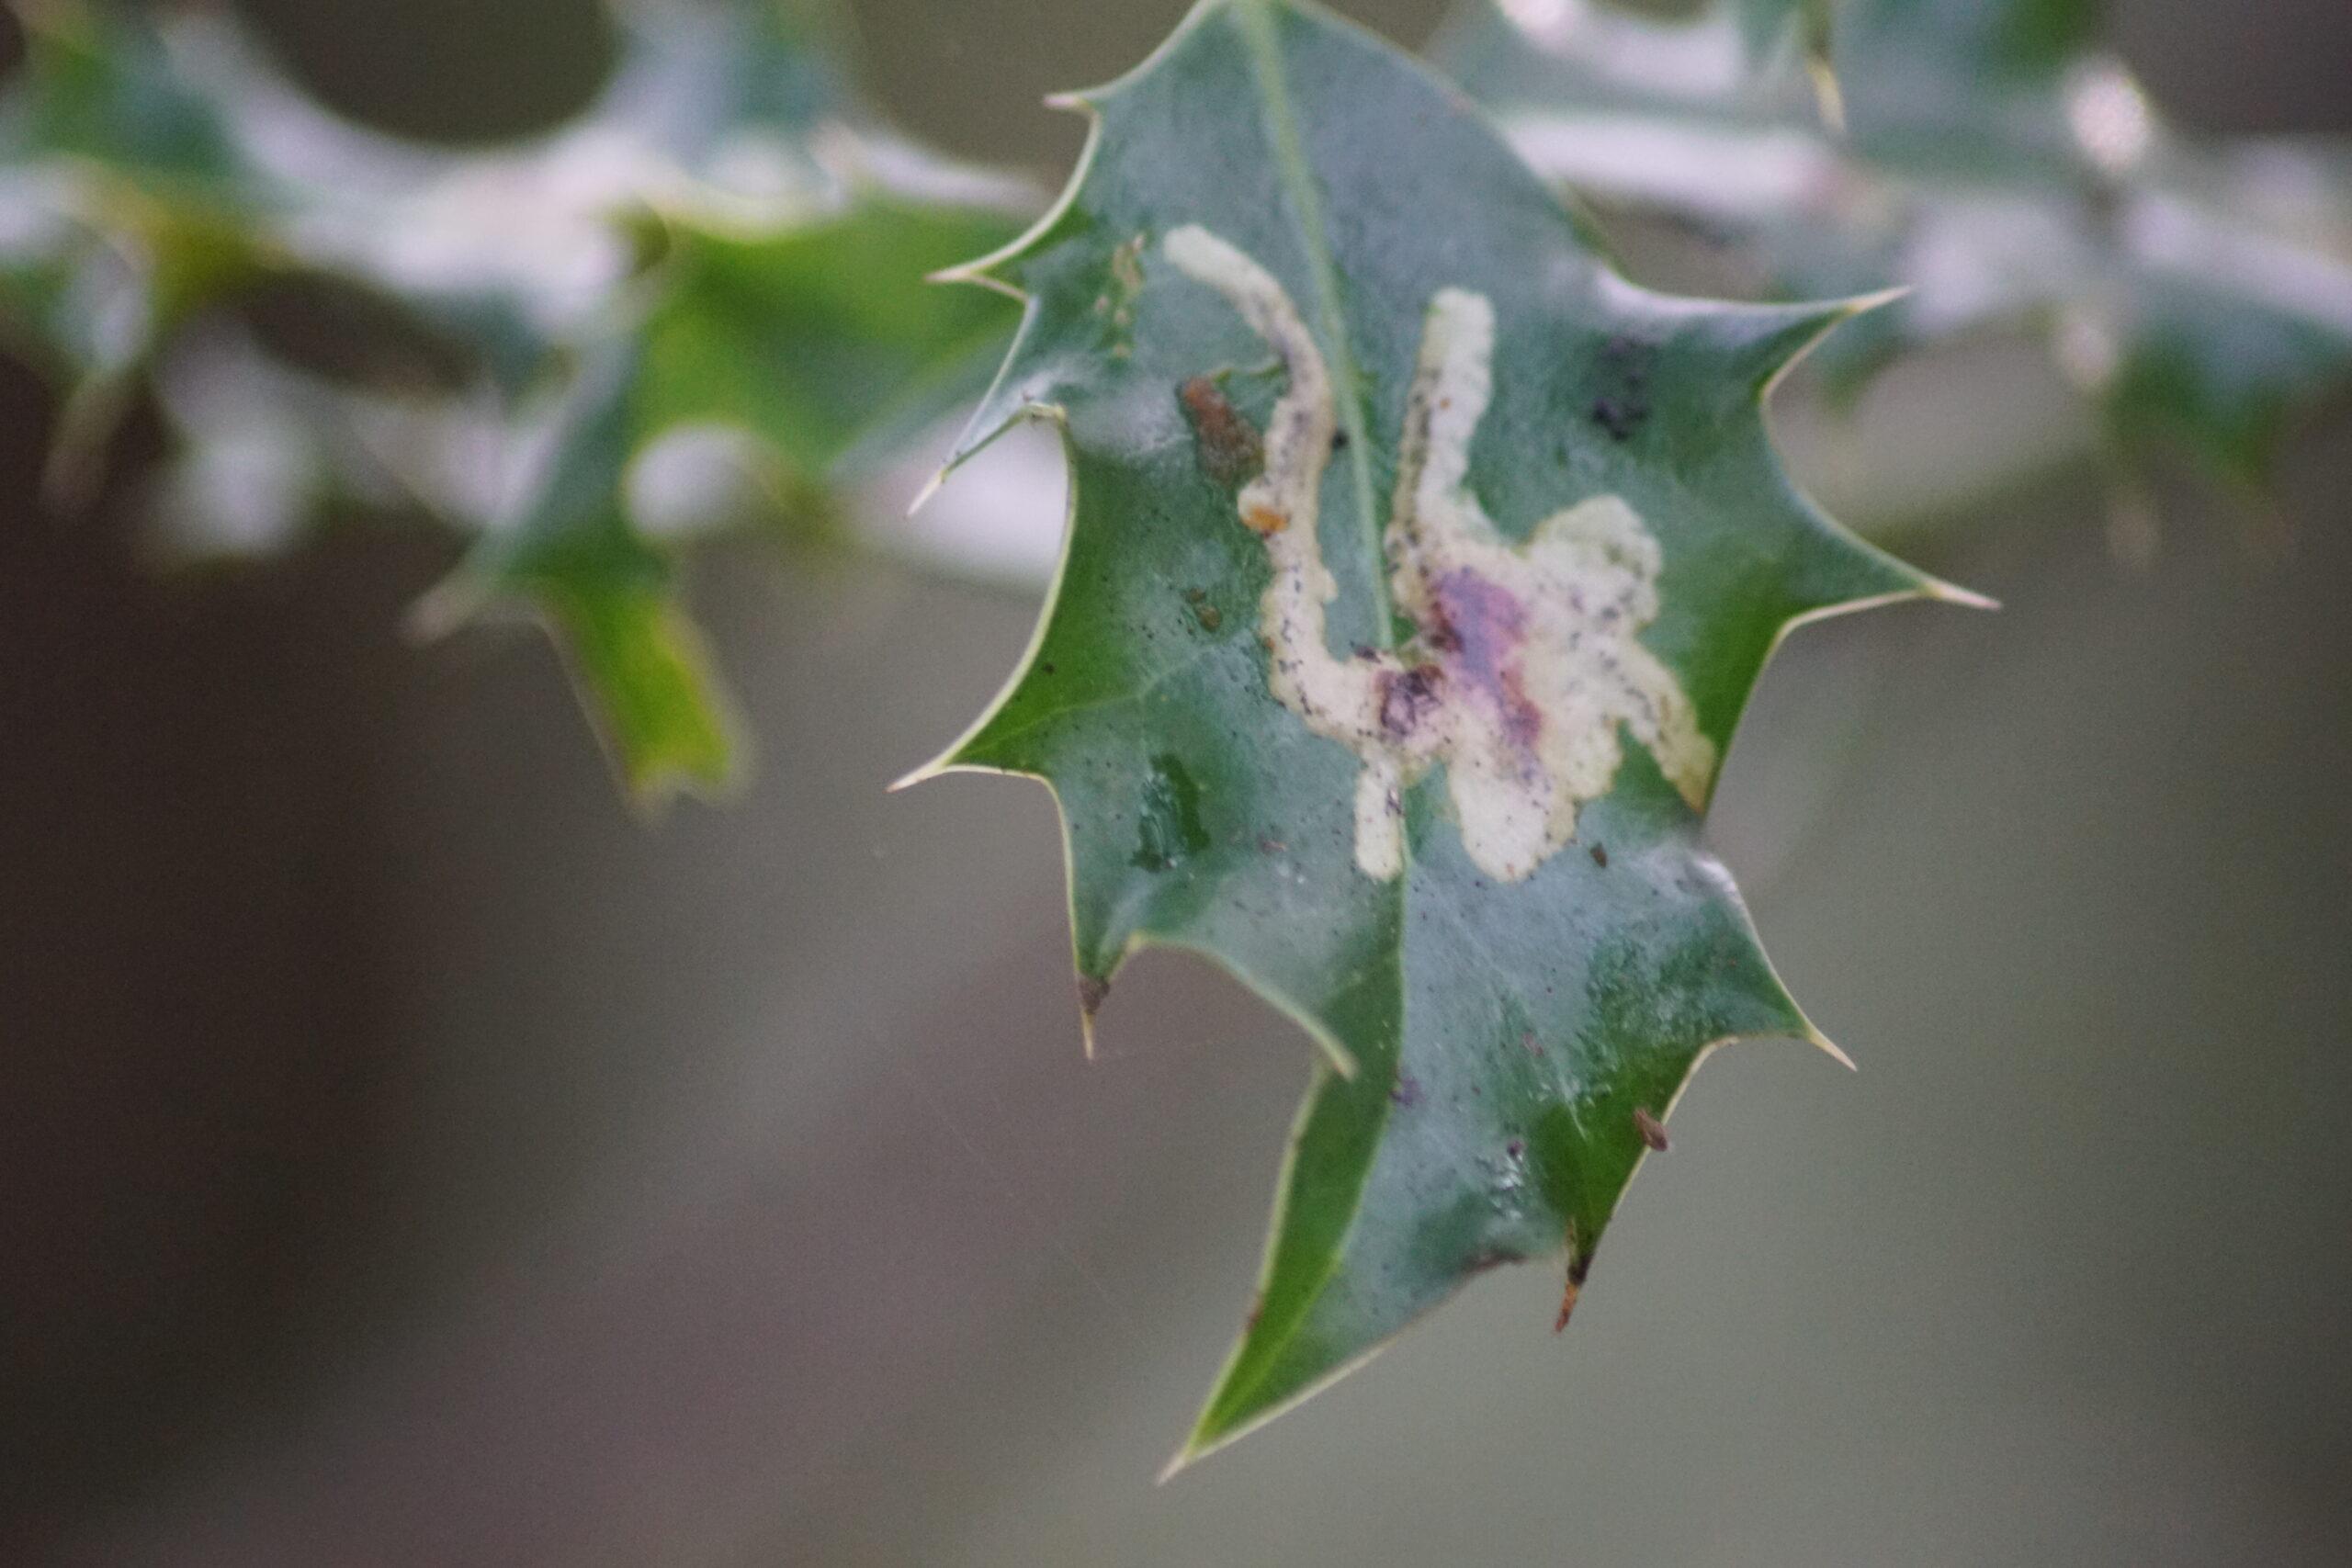 Holly leaf Gall